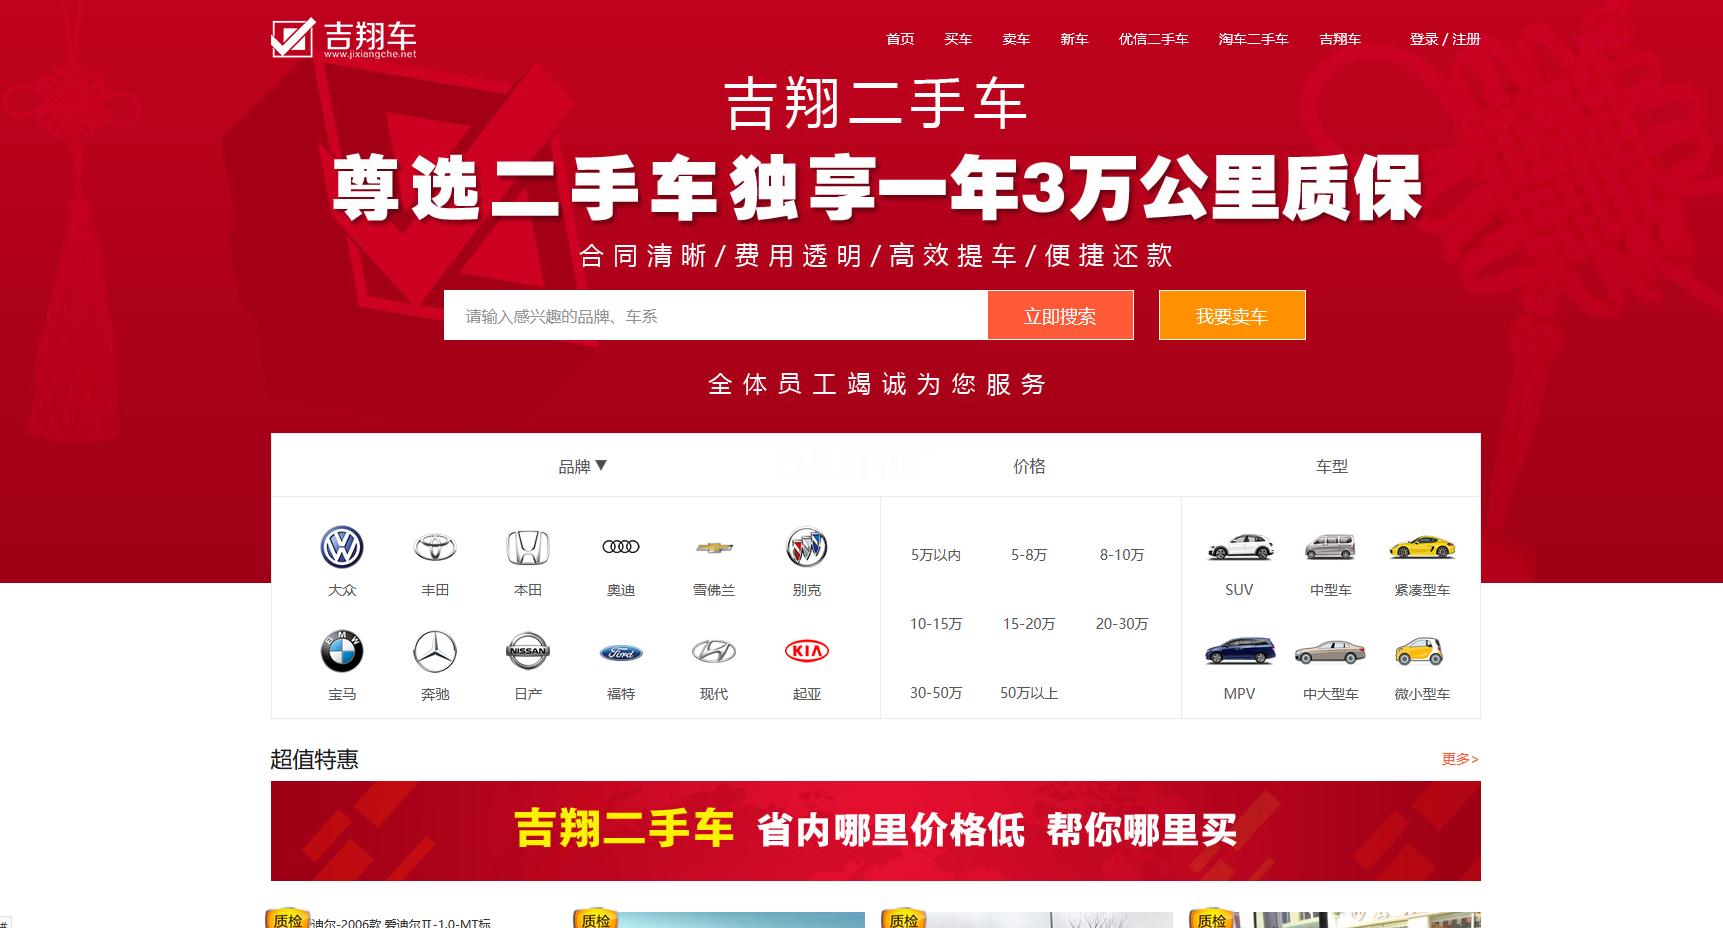 Thinkphp3.2修复版二手车网站源码 PHP二手车销售网源码 二手车交易网带后台